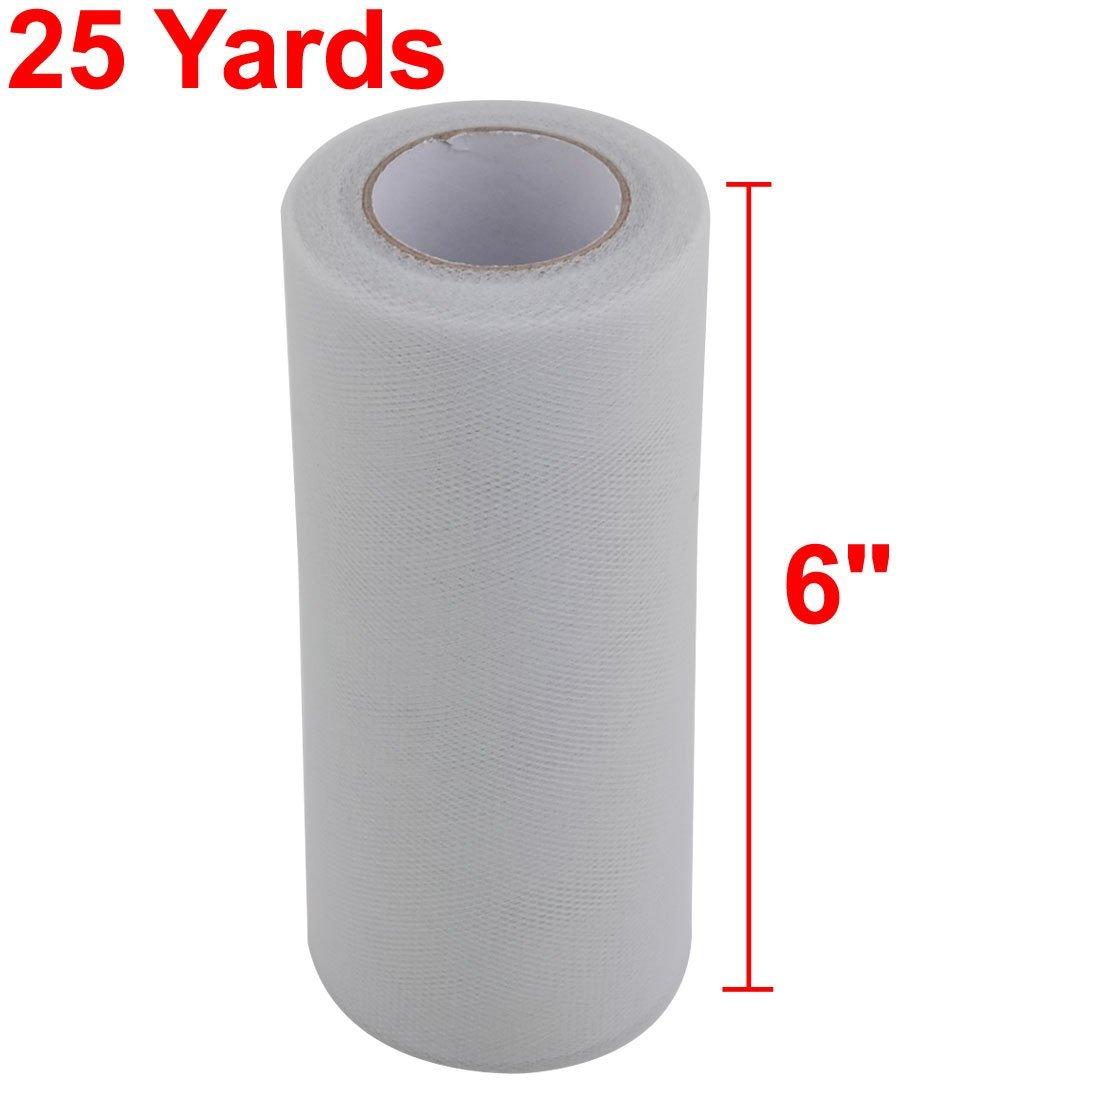 Amazon.com: eDealMax Poliéster Inicio de costura hecha a Mano DIY Ropa Tul carrete Rollo DE 6 pulgadas x 25 yardas gris claro: Health & Personal Care